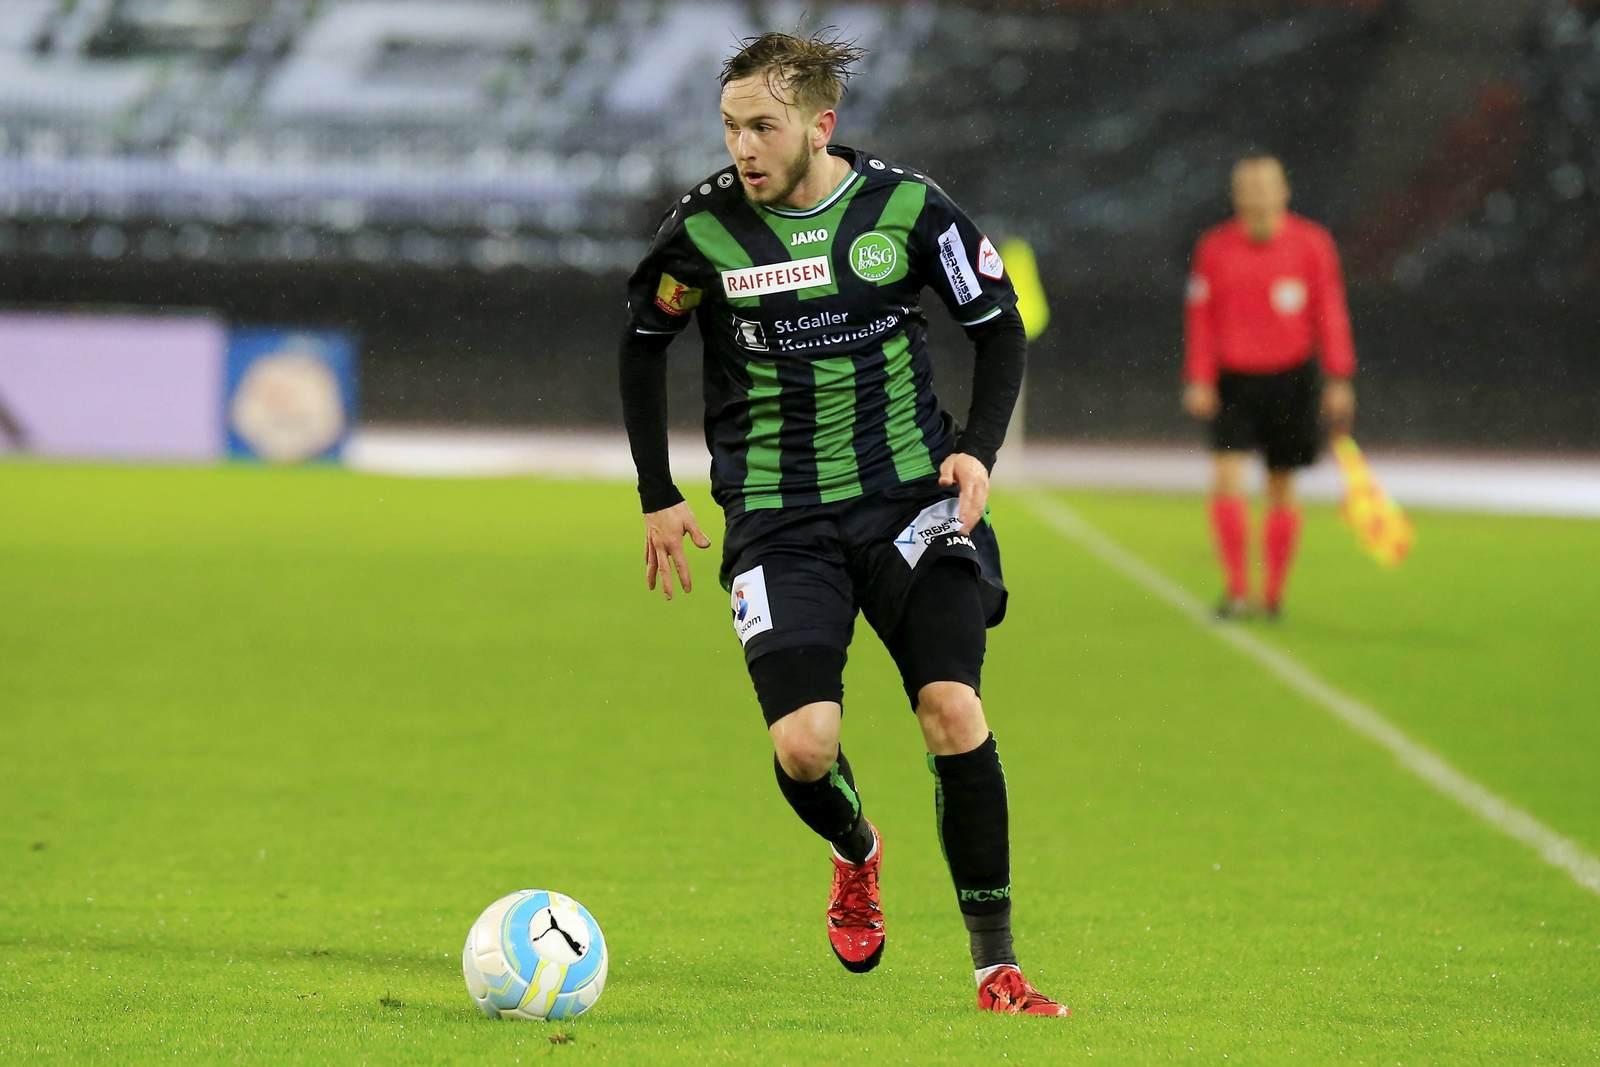 Lucas Cueto am Ball für den FC St. Gallen. Für seinen neuen Klub Münster bestritt er verletzungsbedingt noch kein Spiel